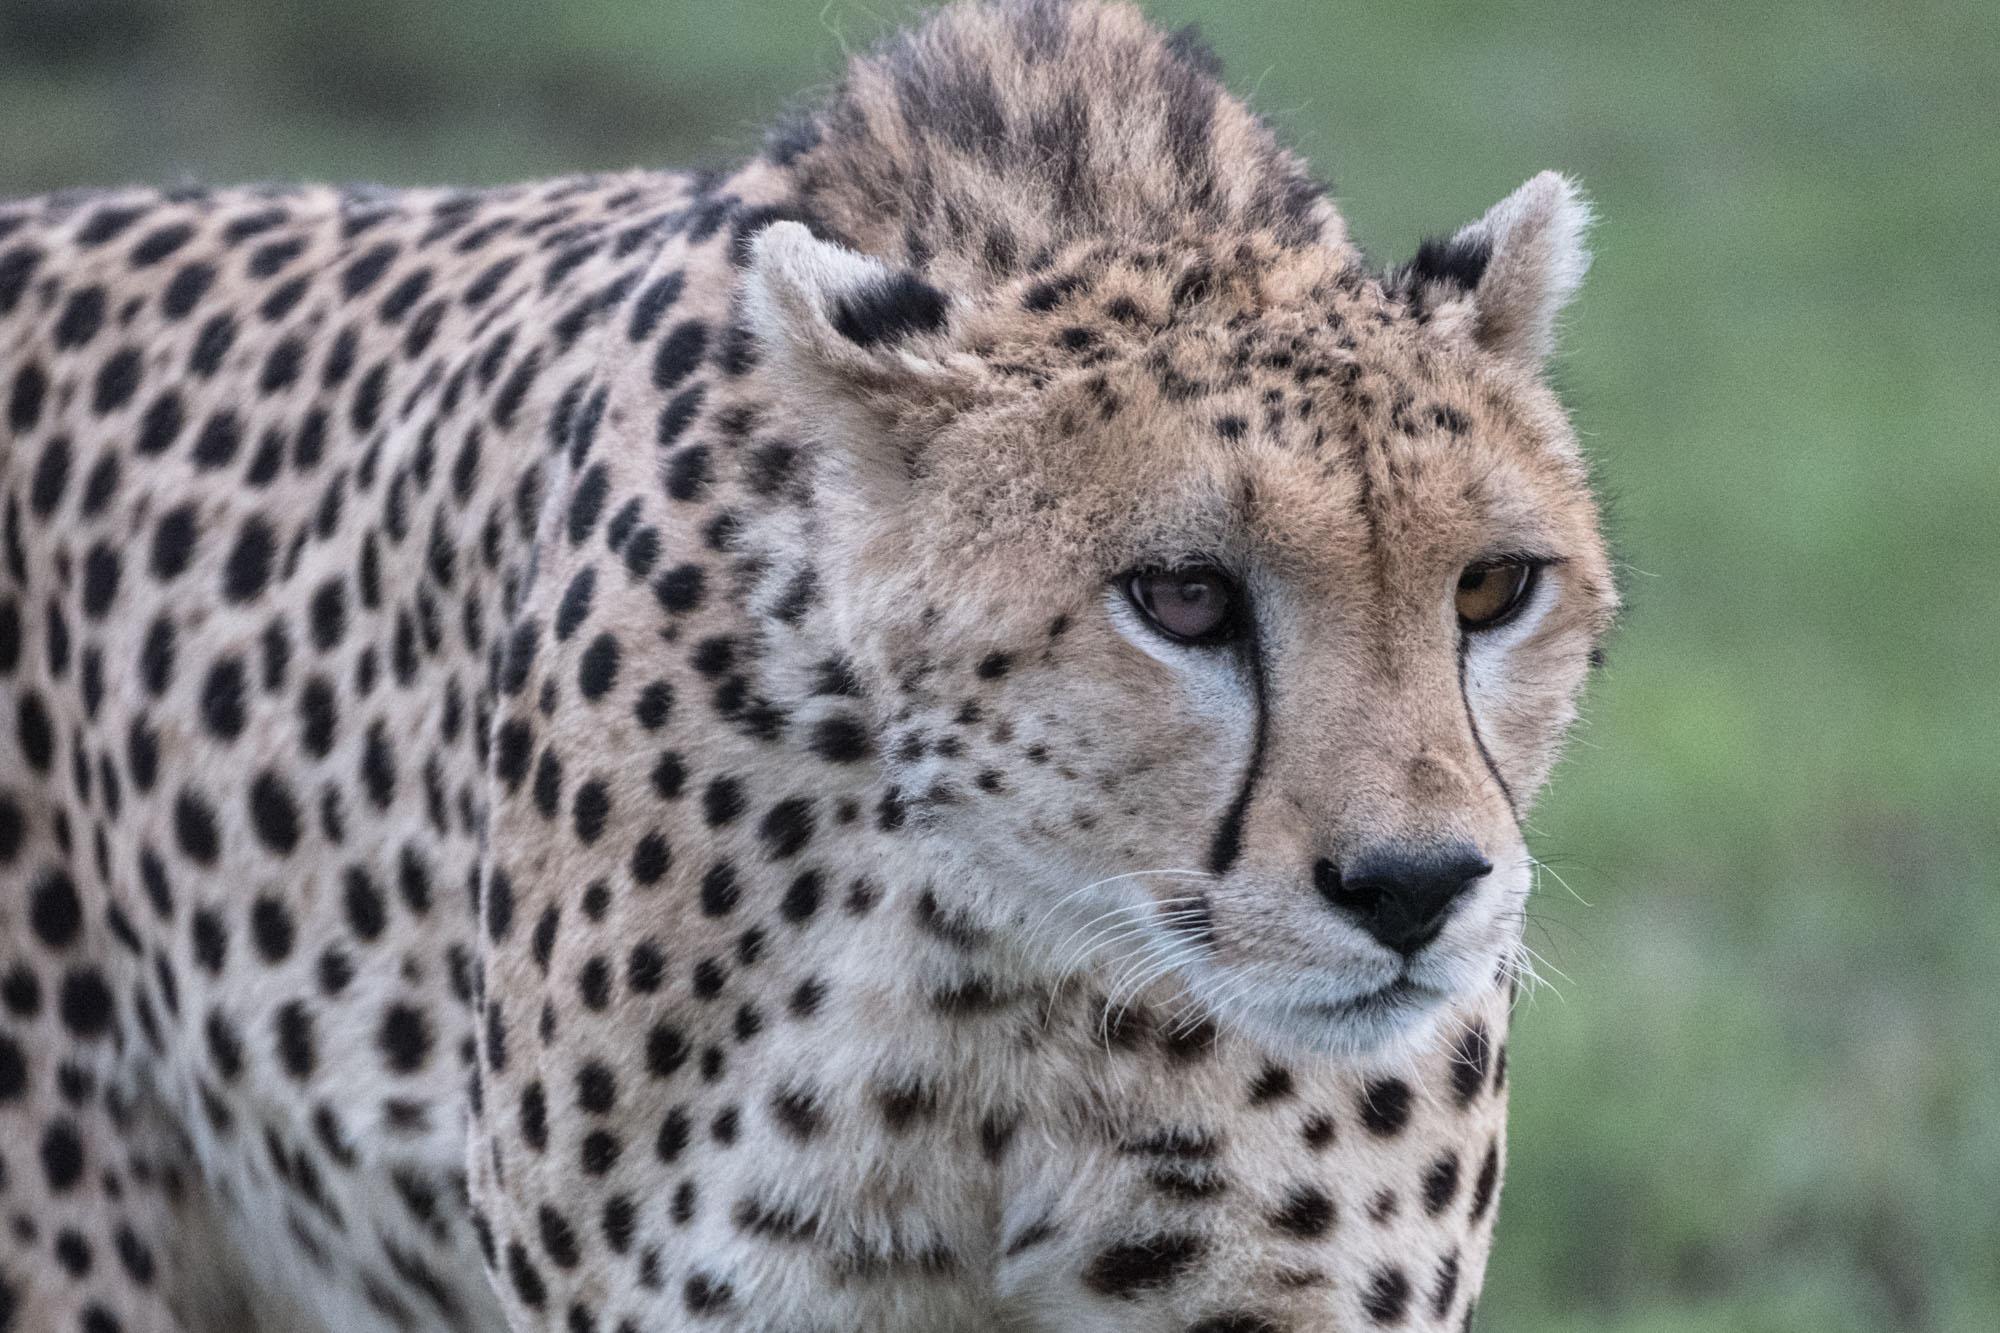 cheetah-mara-kenya-closeup-hunt-5x7-card-2018-01-12.jpg